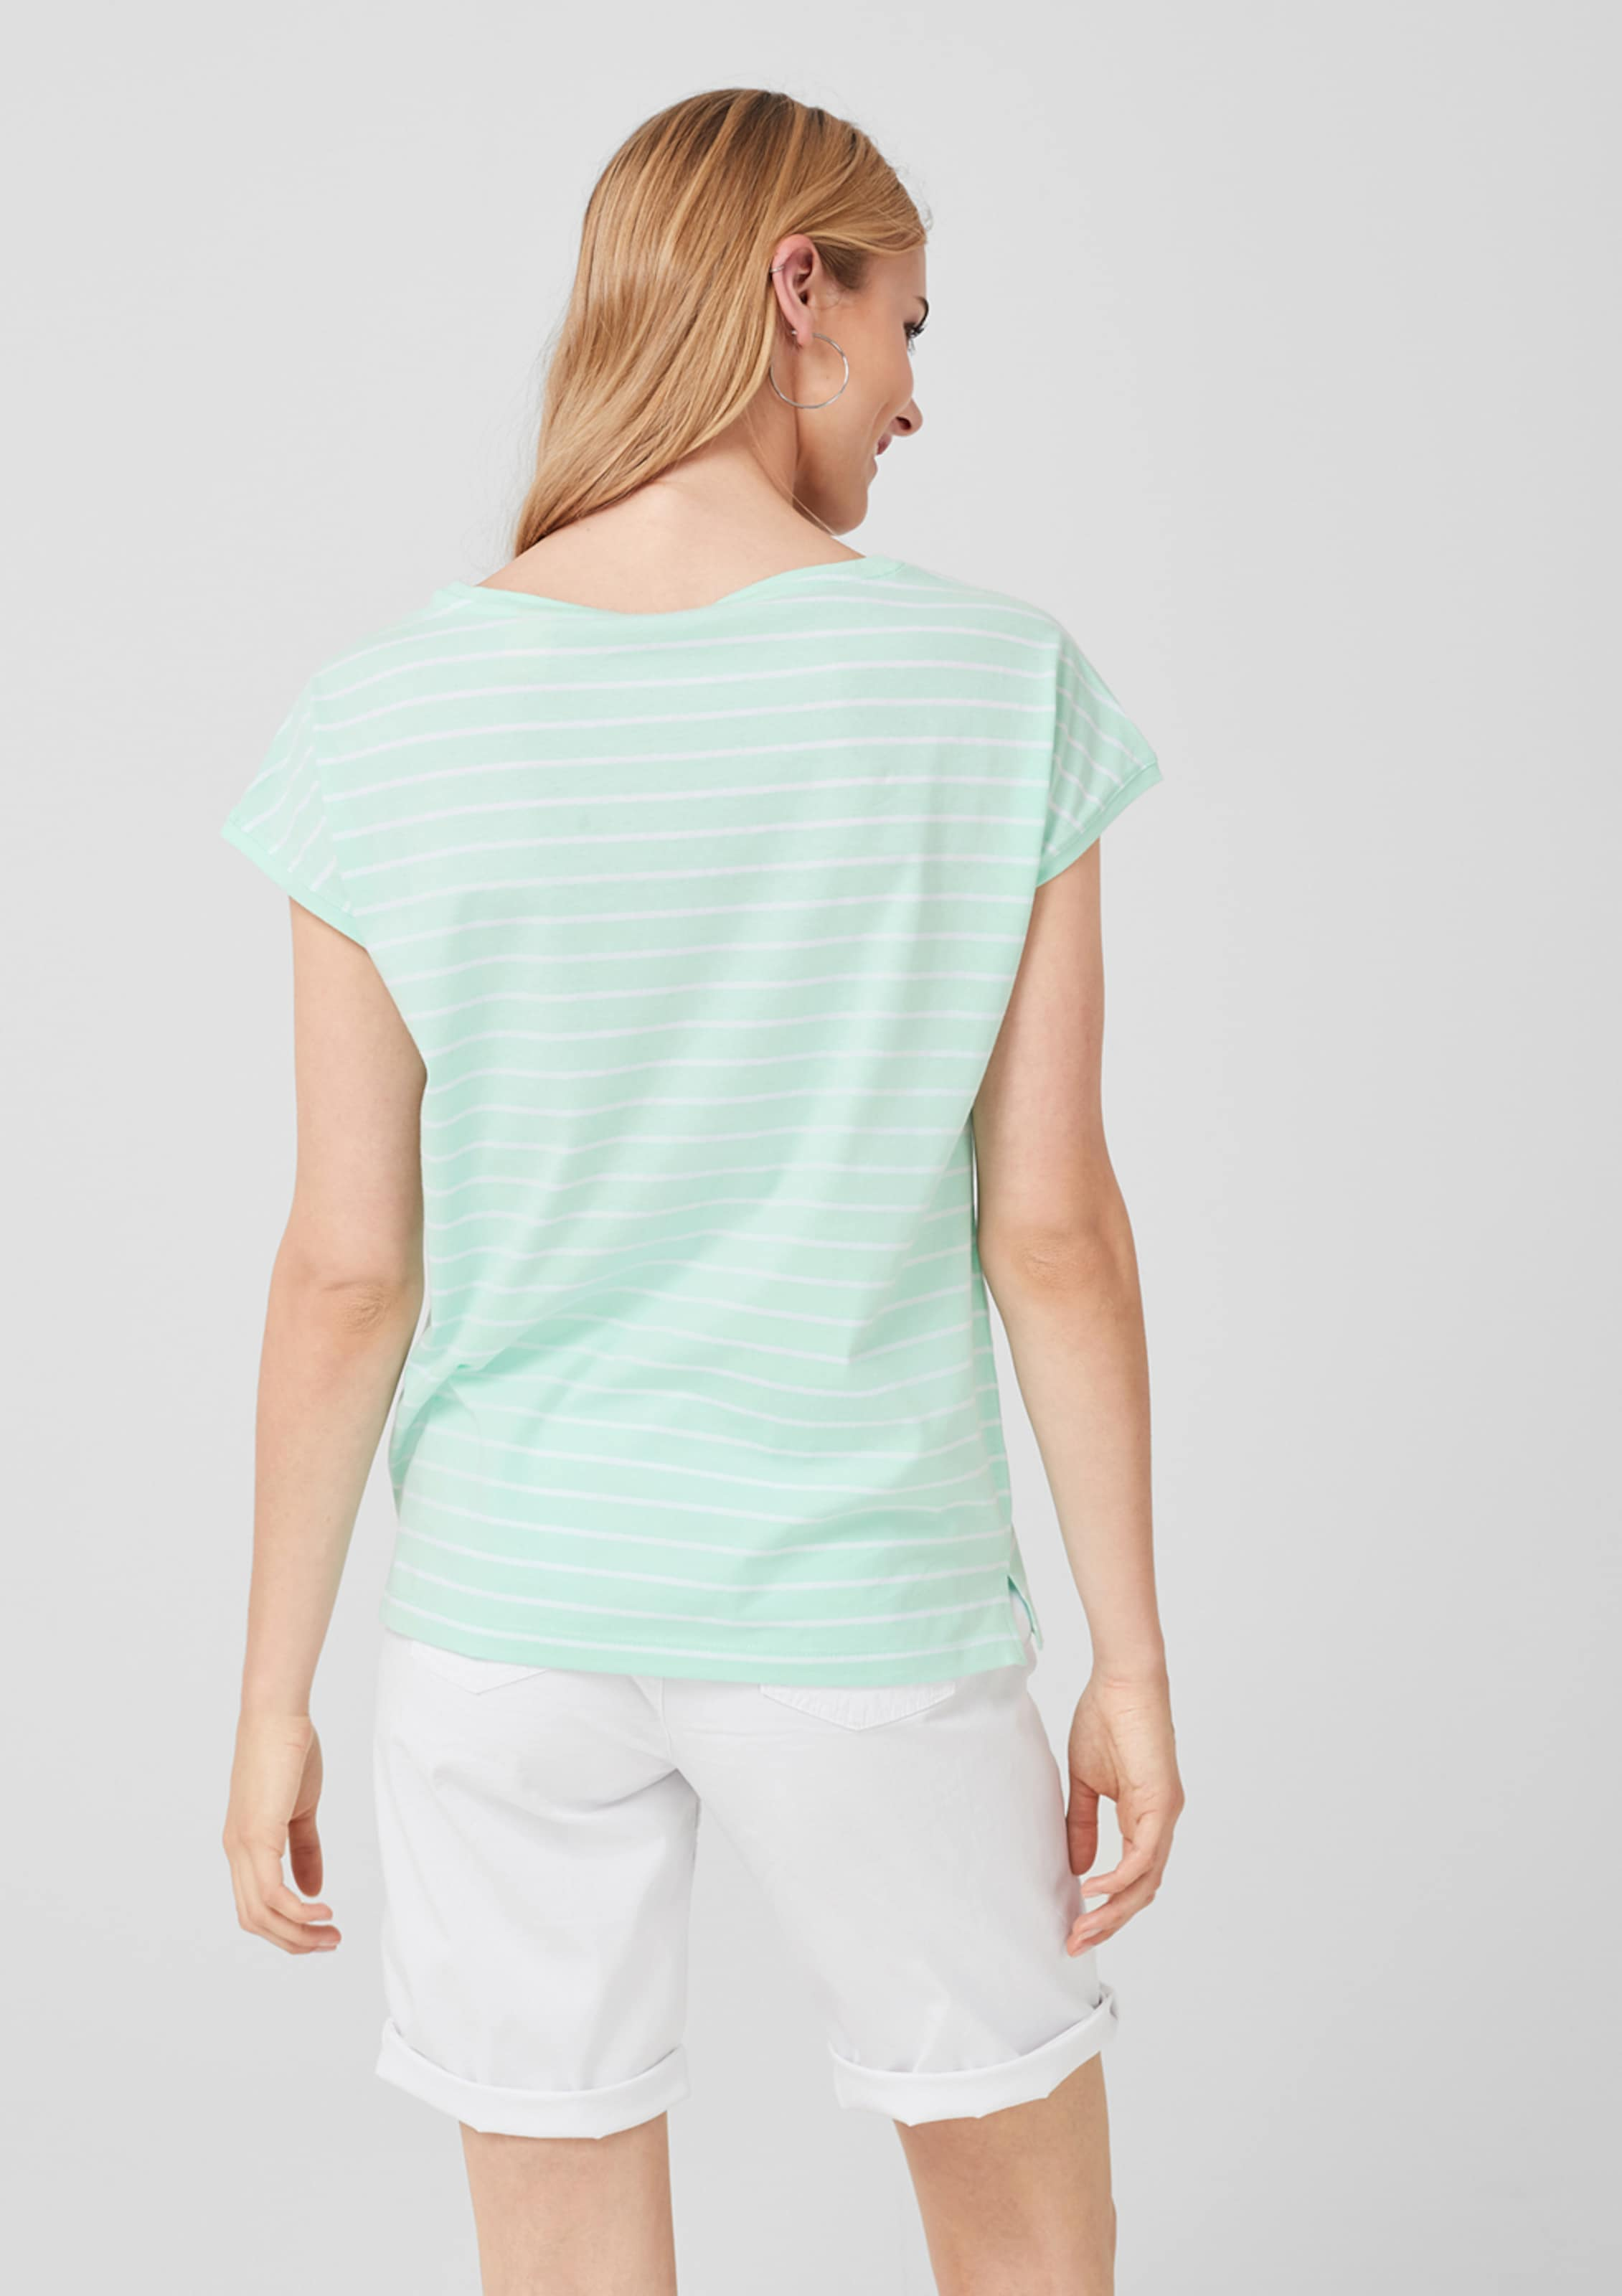 Jerseyshirt PastellgrünWeiß Red S oliver Label In 67gybf